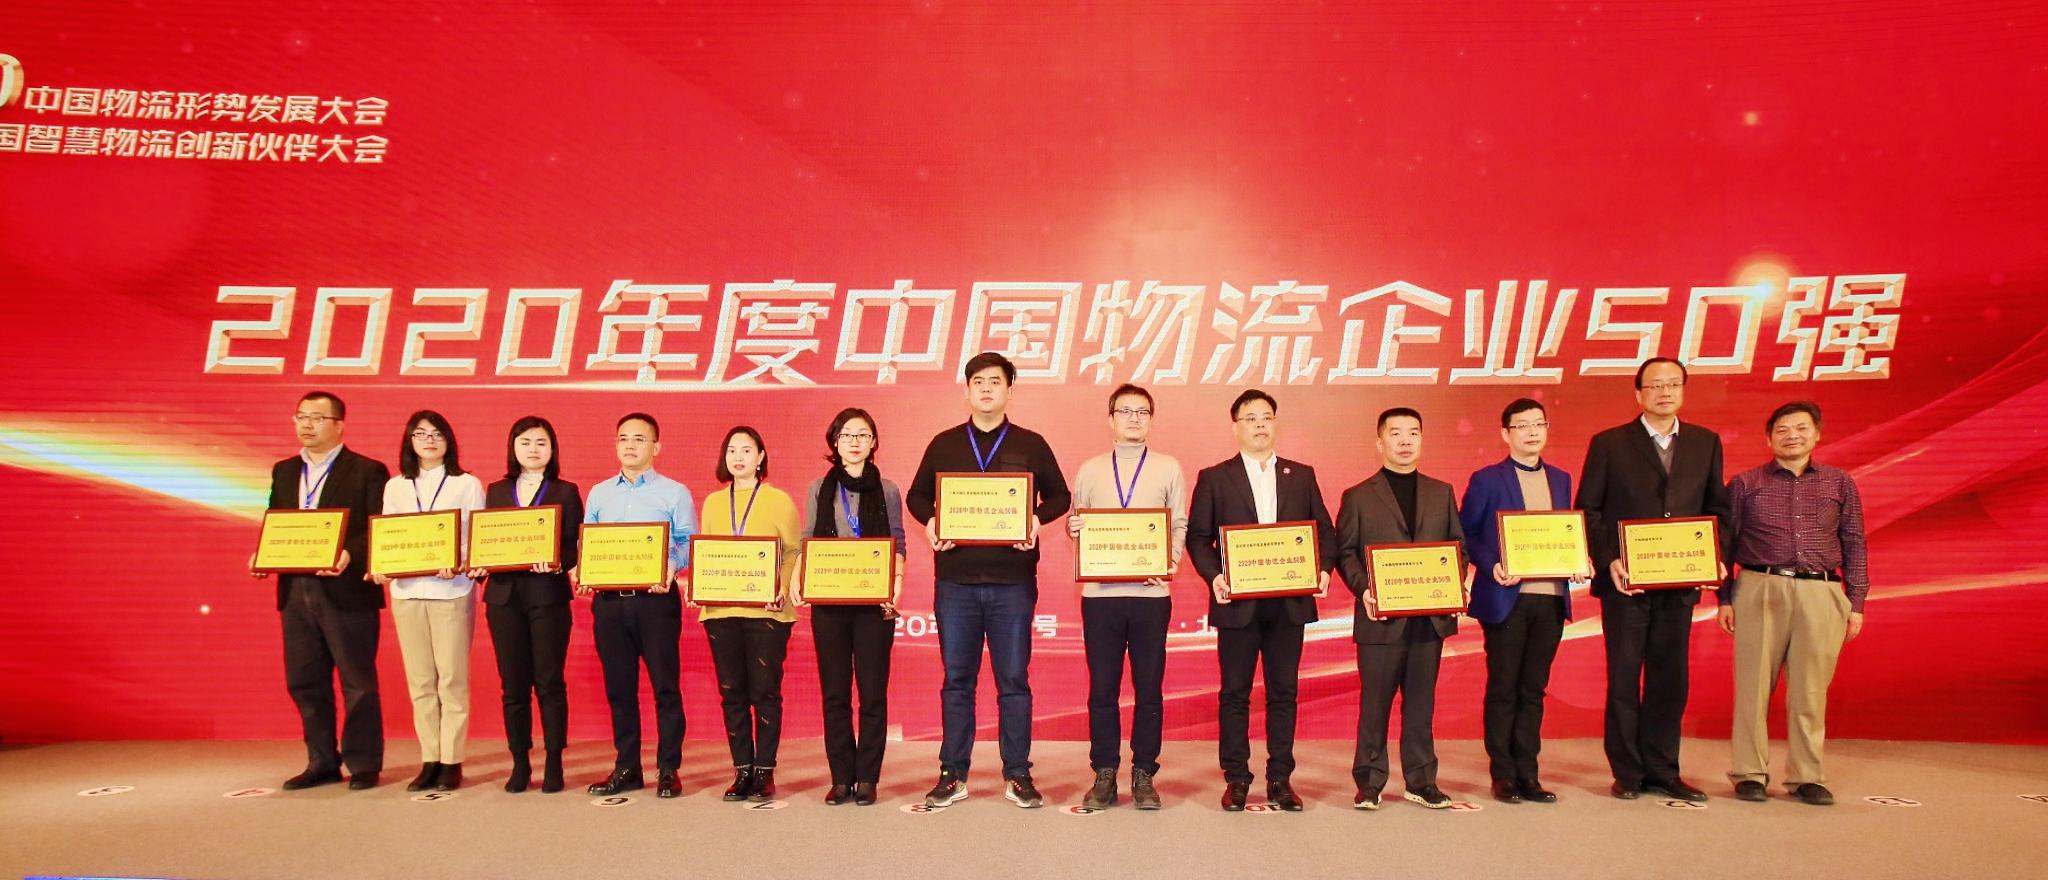 """物流集团名列""""2020年度中国物流企业50强"""""""